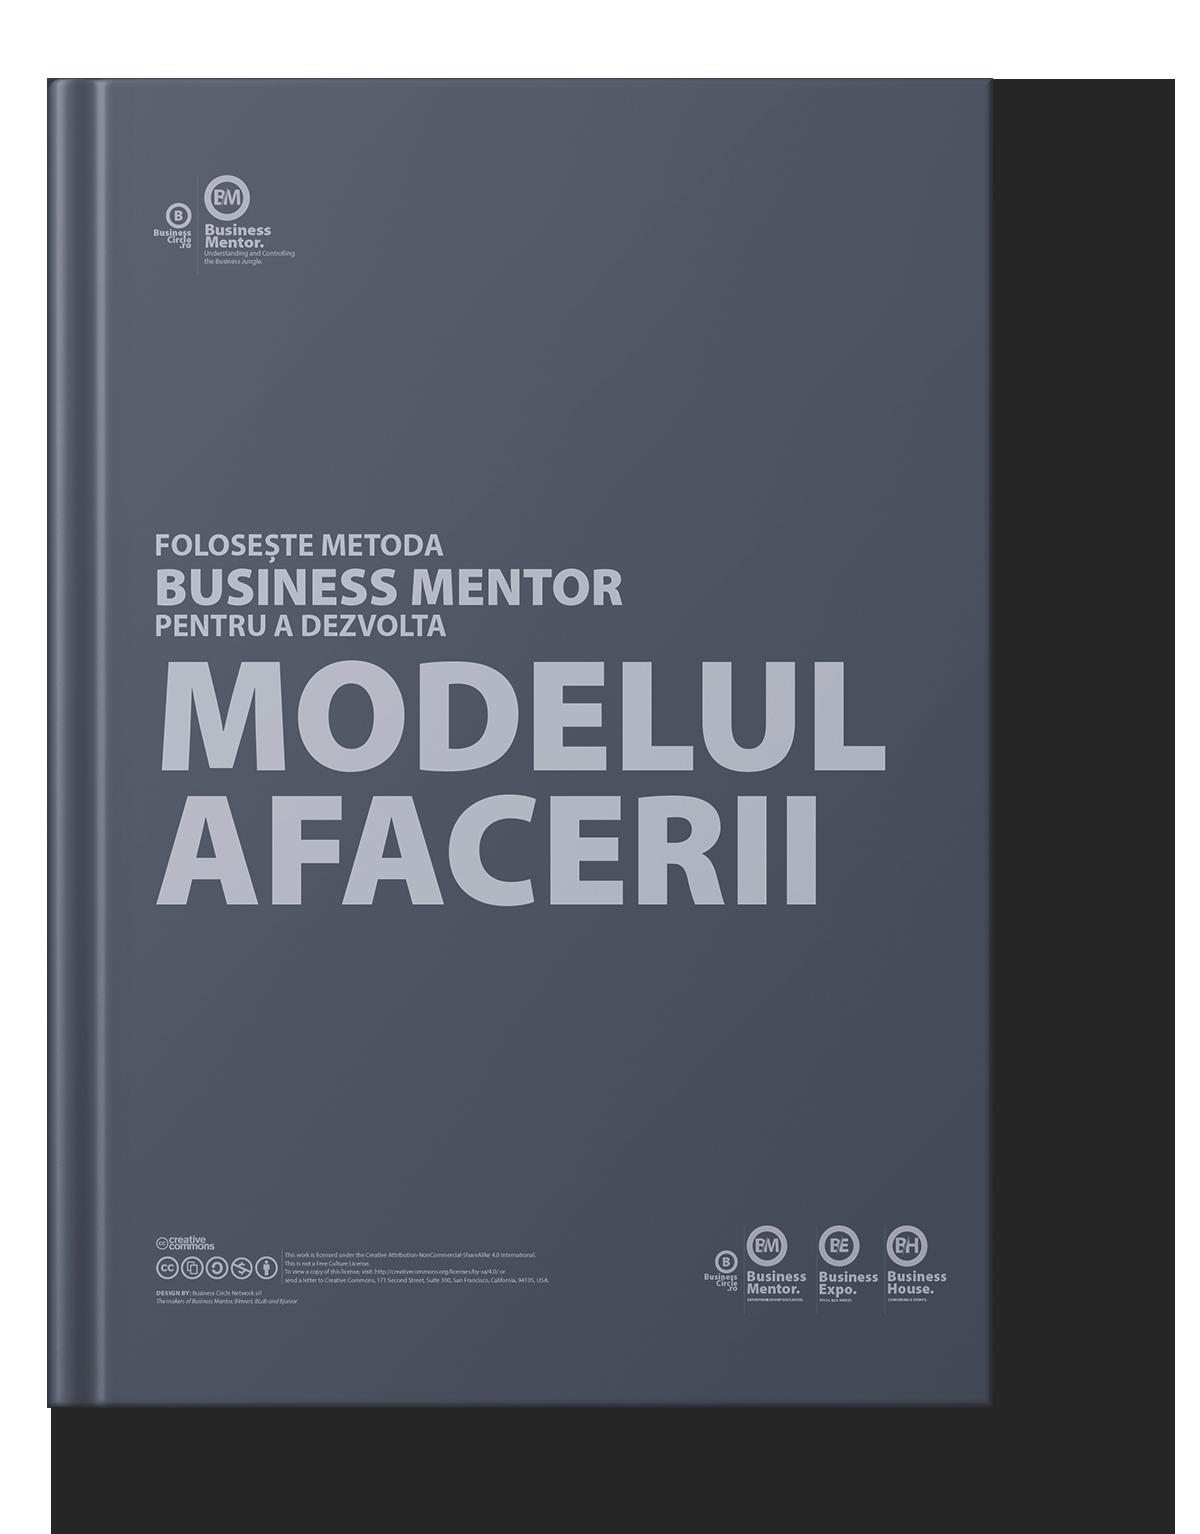 Dezvoltă Modelul Afacerii cu Business Mentor